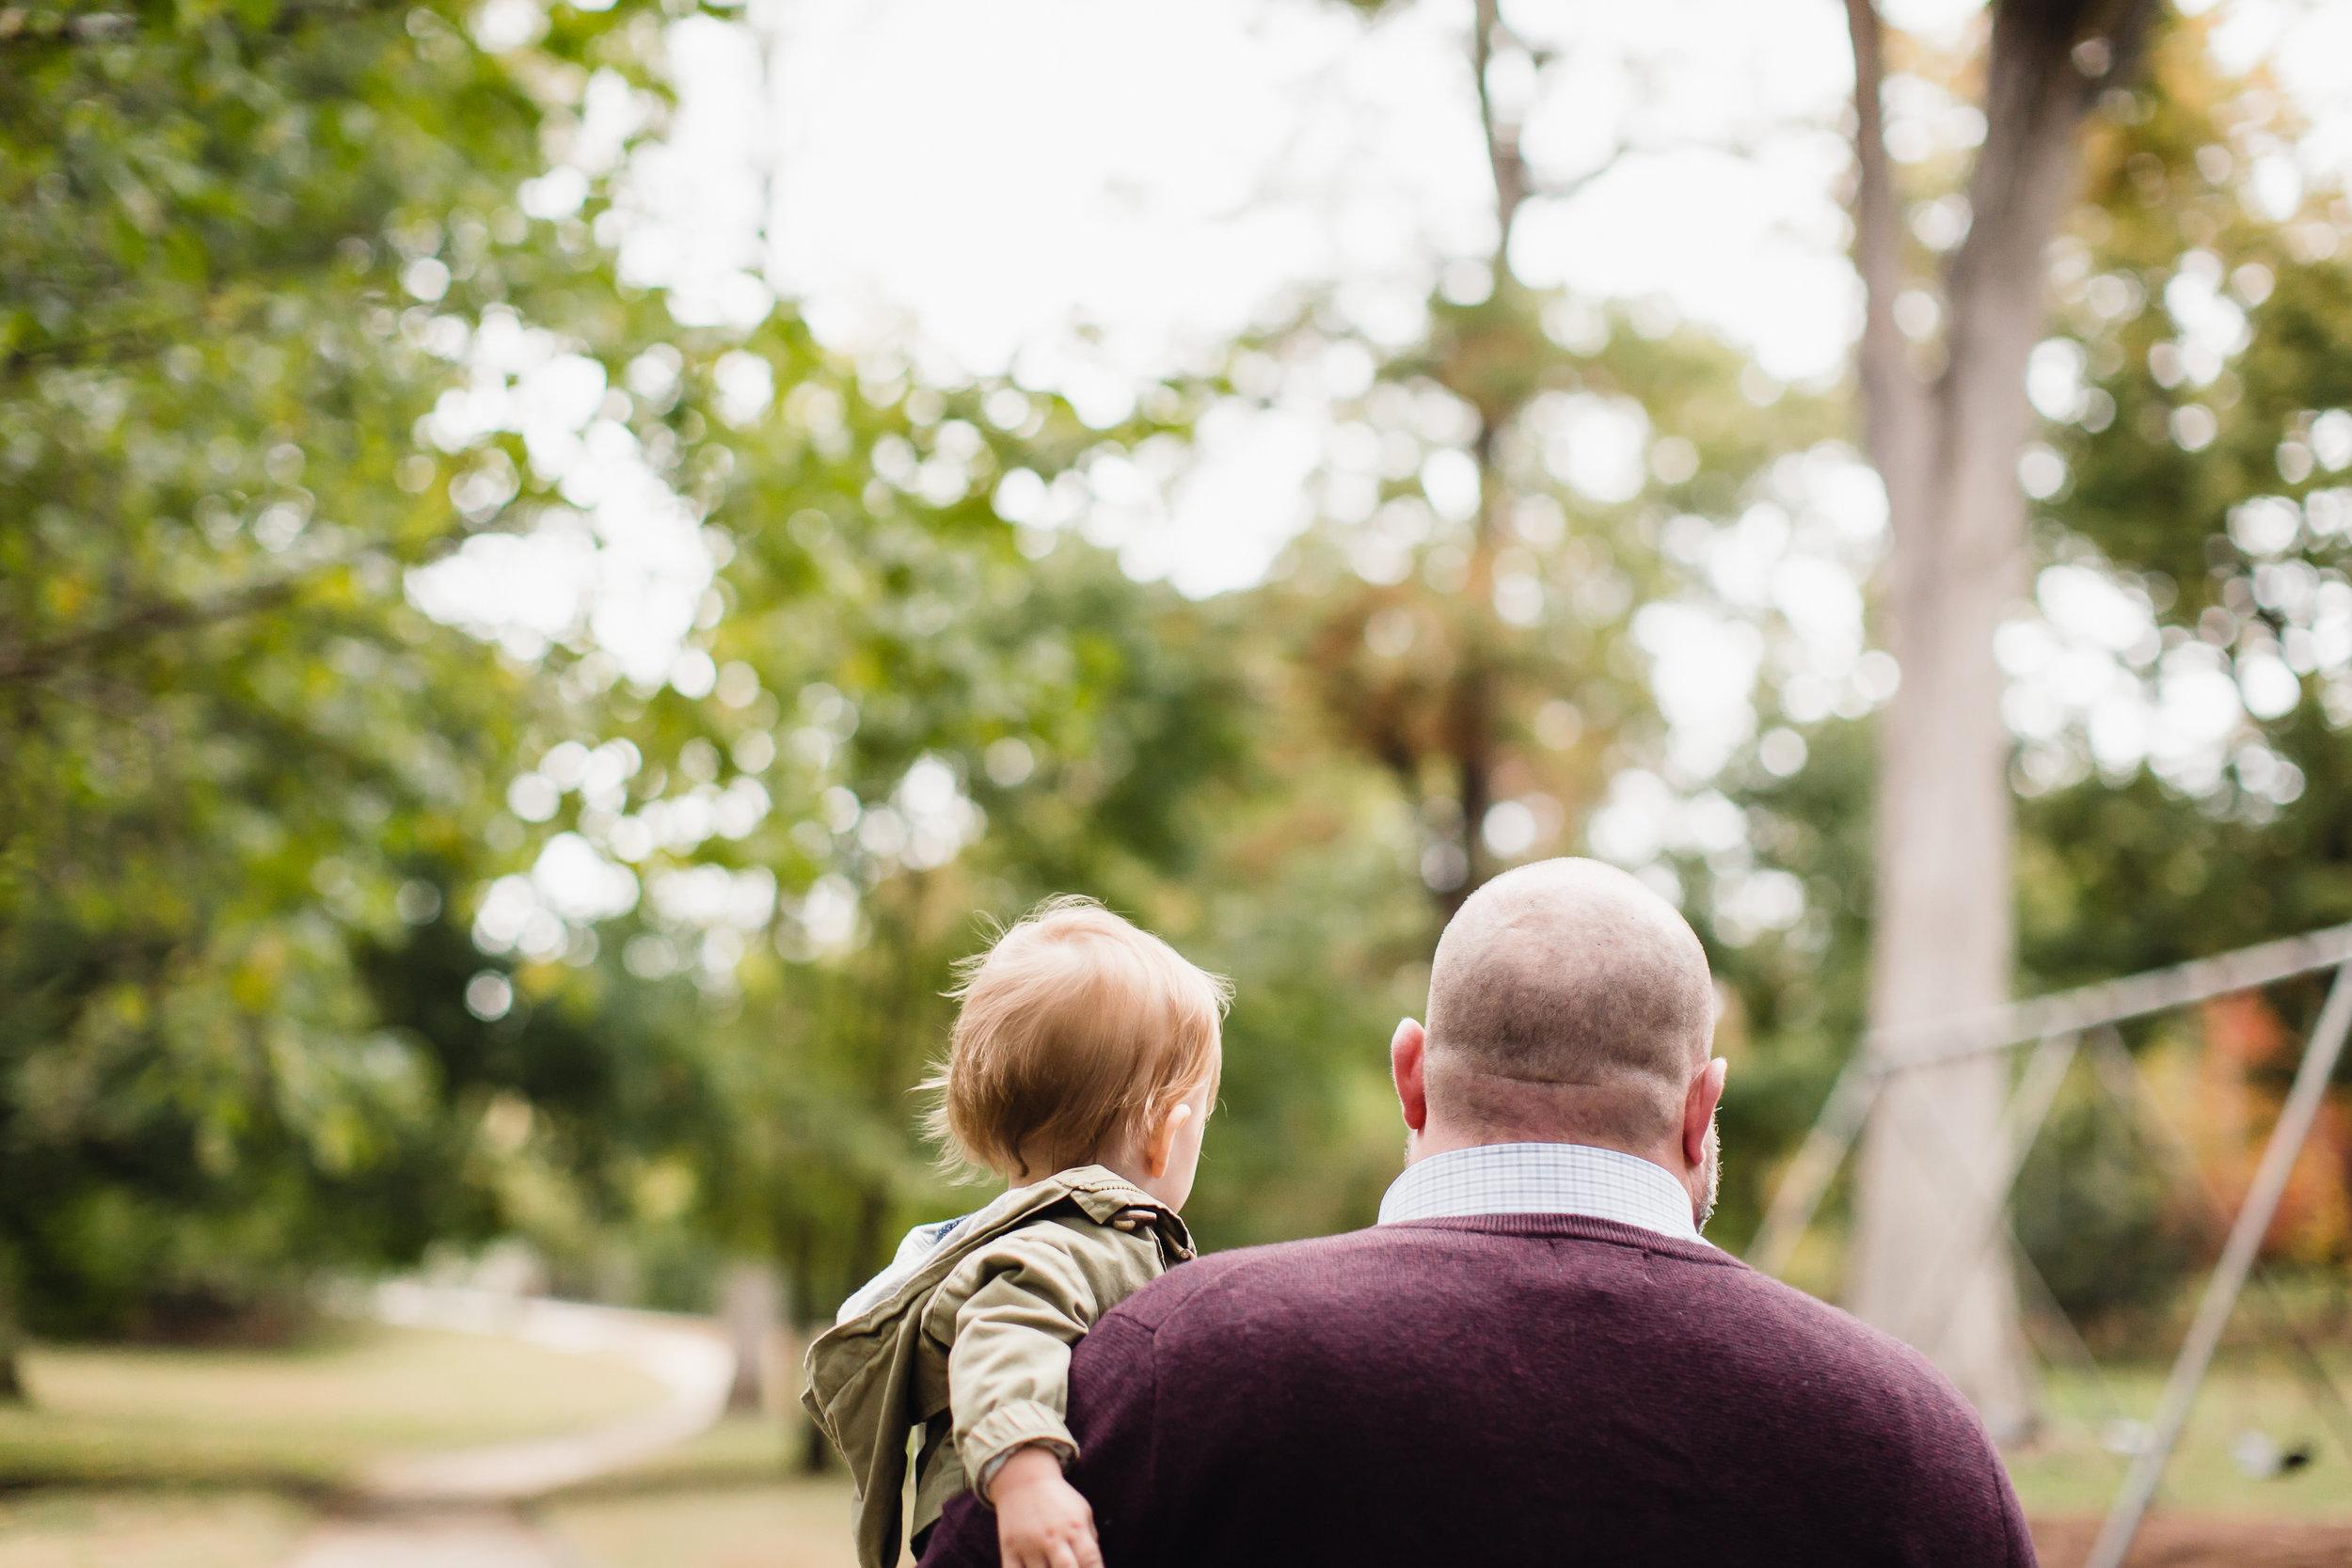 Gianna Keiko Atlanta Lifestyle Family Photographer-40.jpg